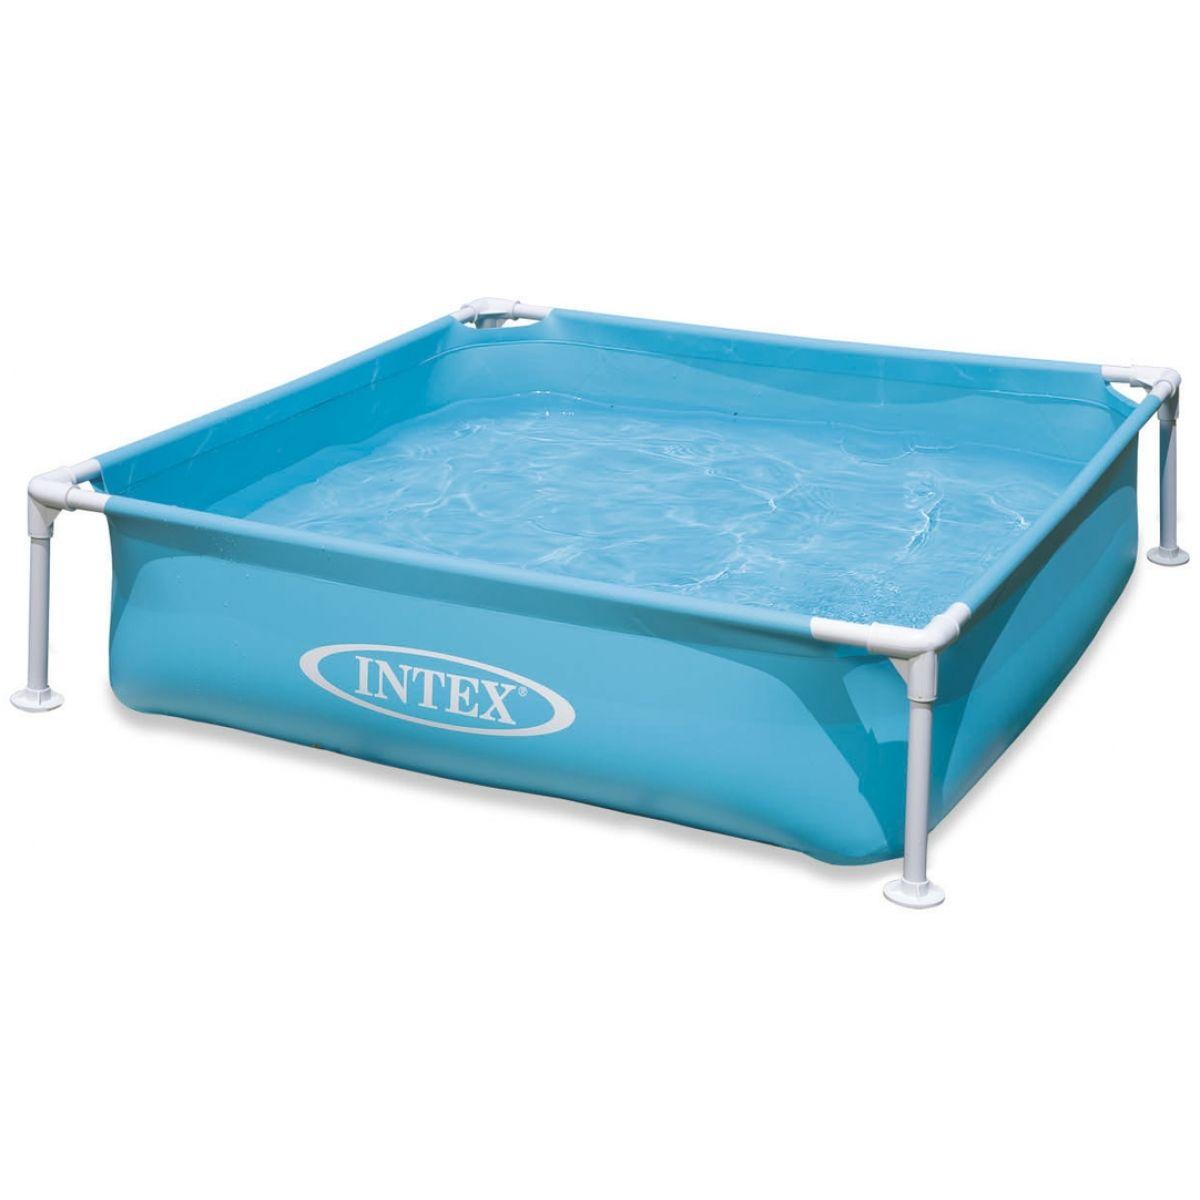 Intex 57173 Mini bazén s rámem